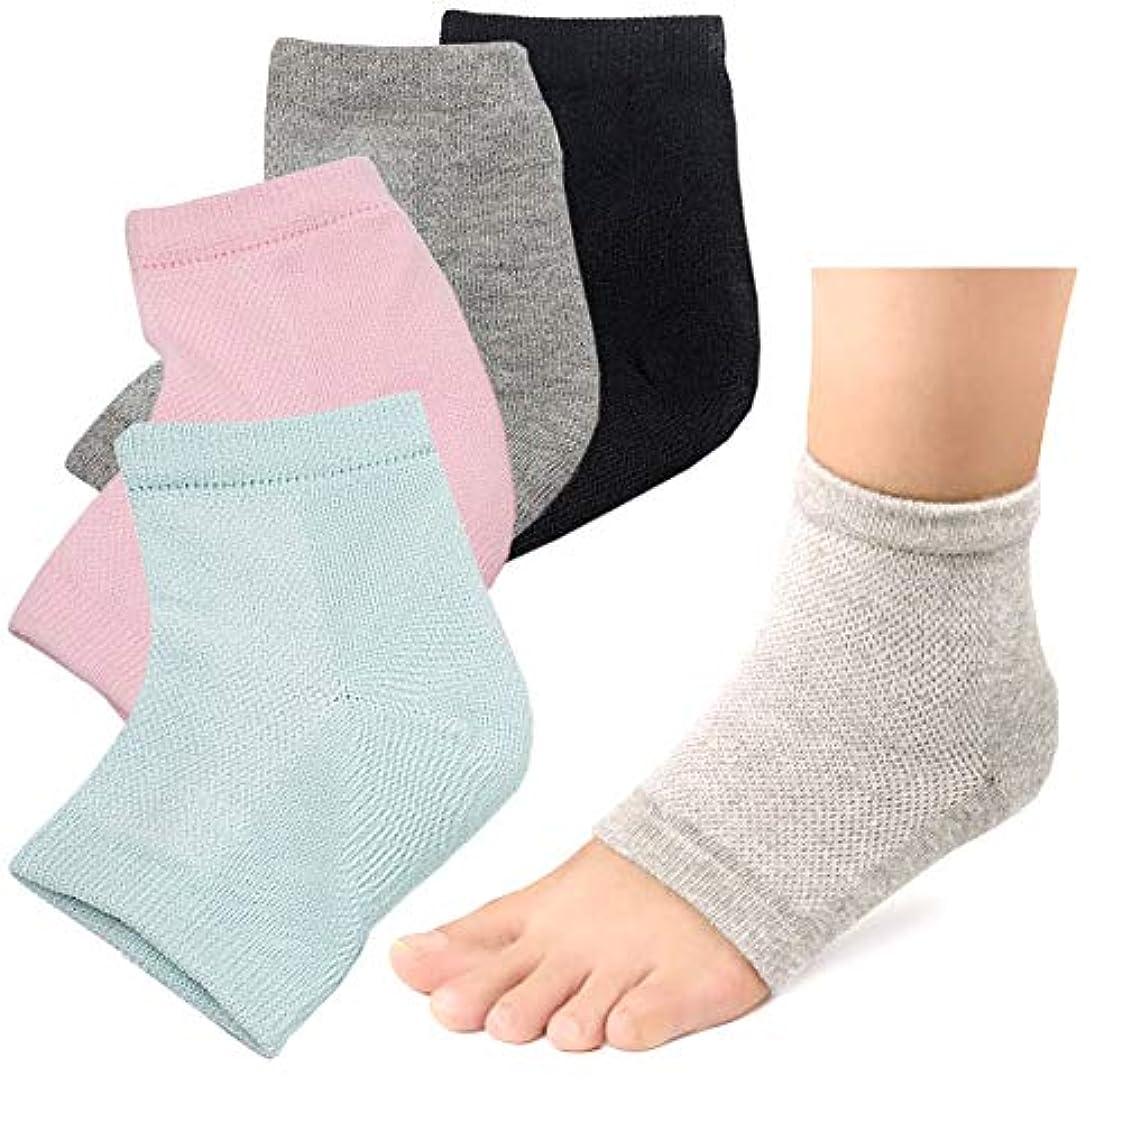 荷物ジョイント自動的にかかと 靴下 ソックス つるつる 2足セット かかとケア かかとサポーター ひび割れ対策 角質ケア (ブラック/グレー)